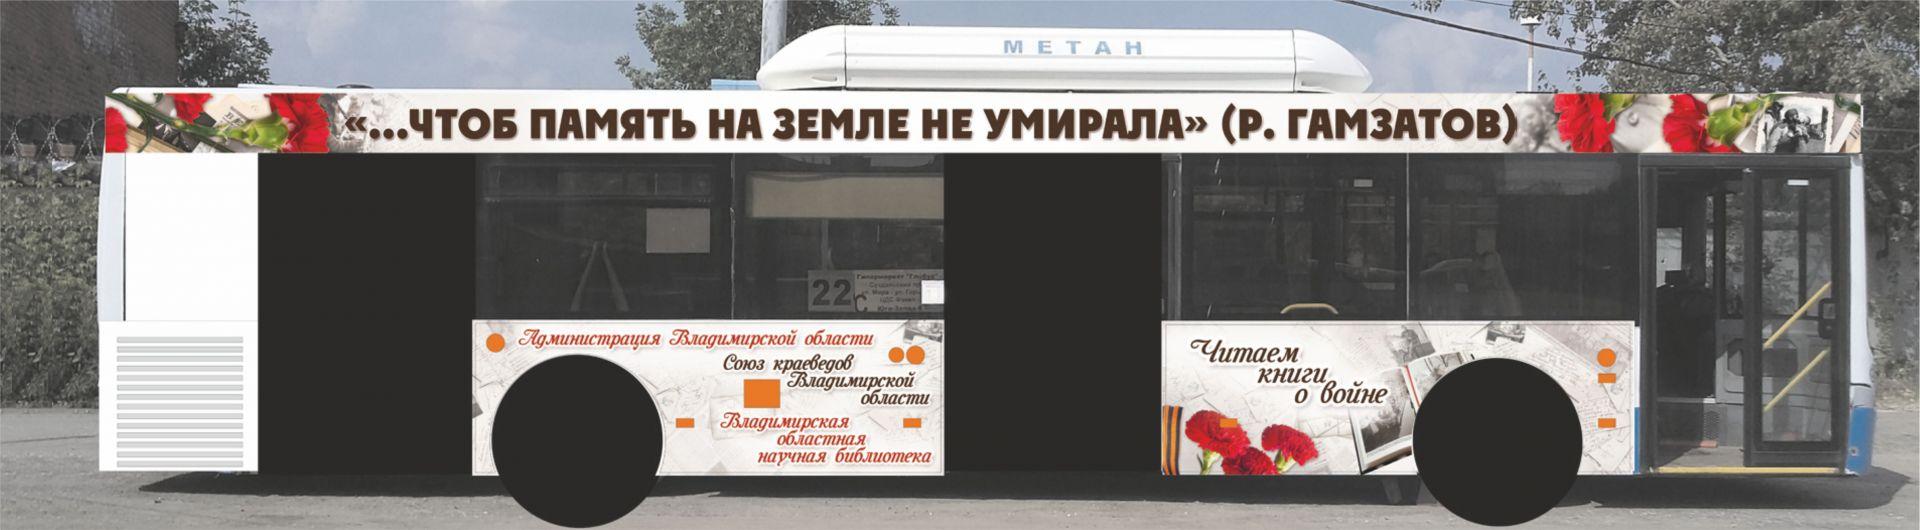 Автобус акции